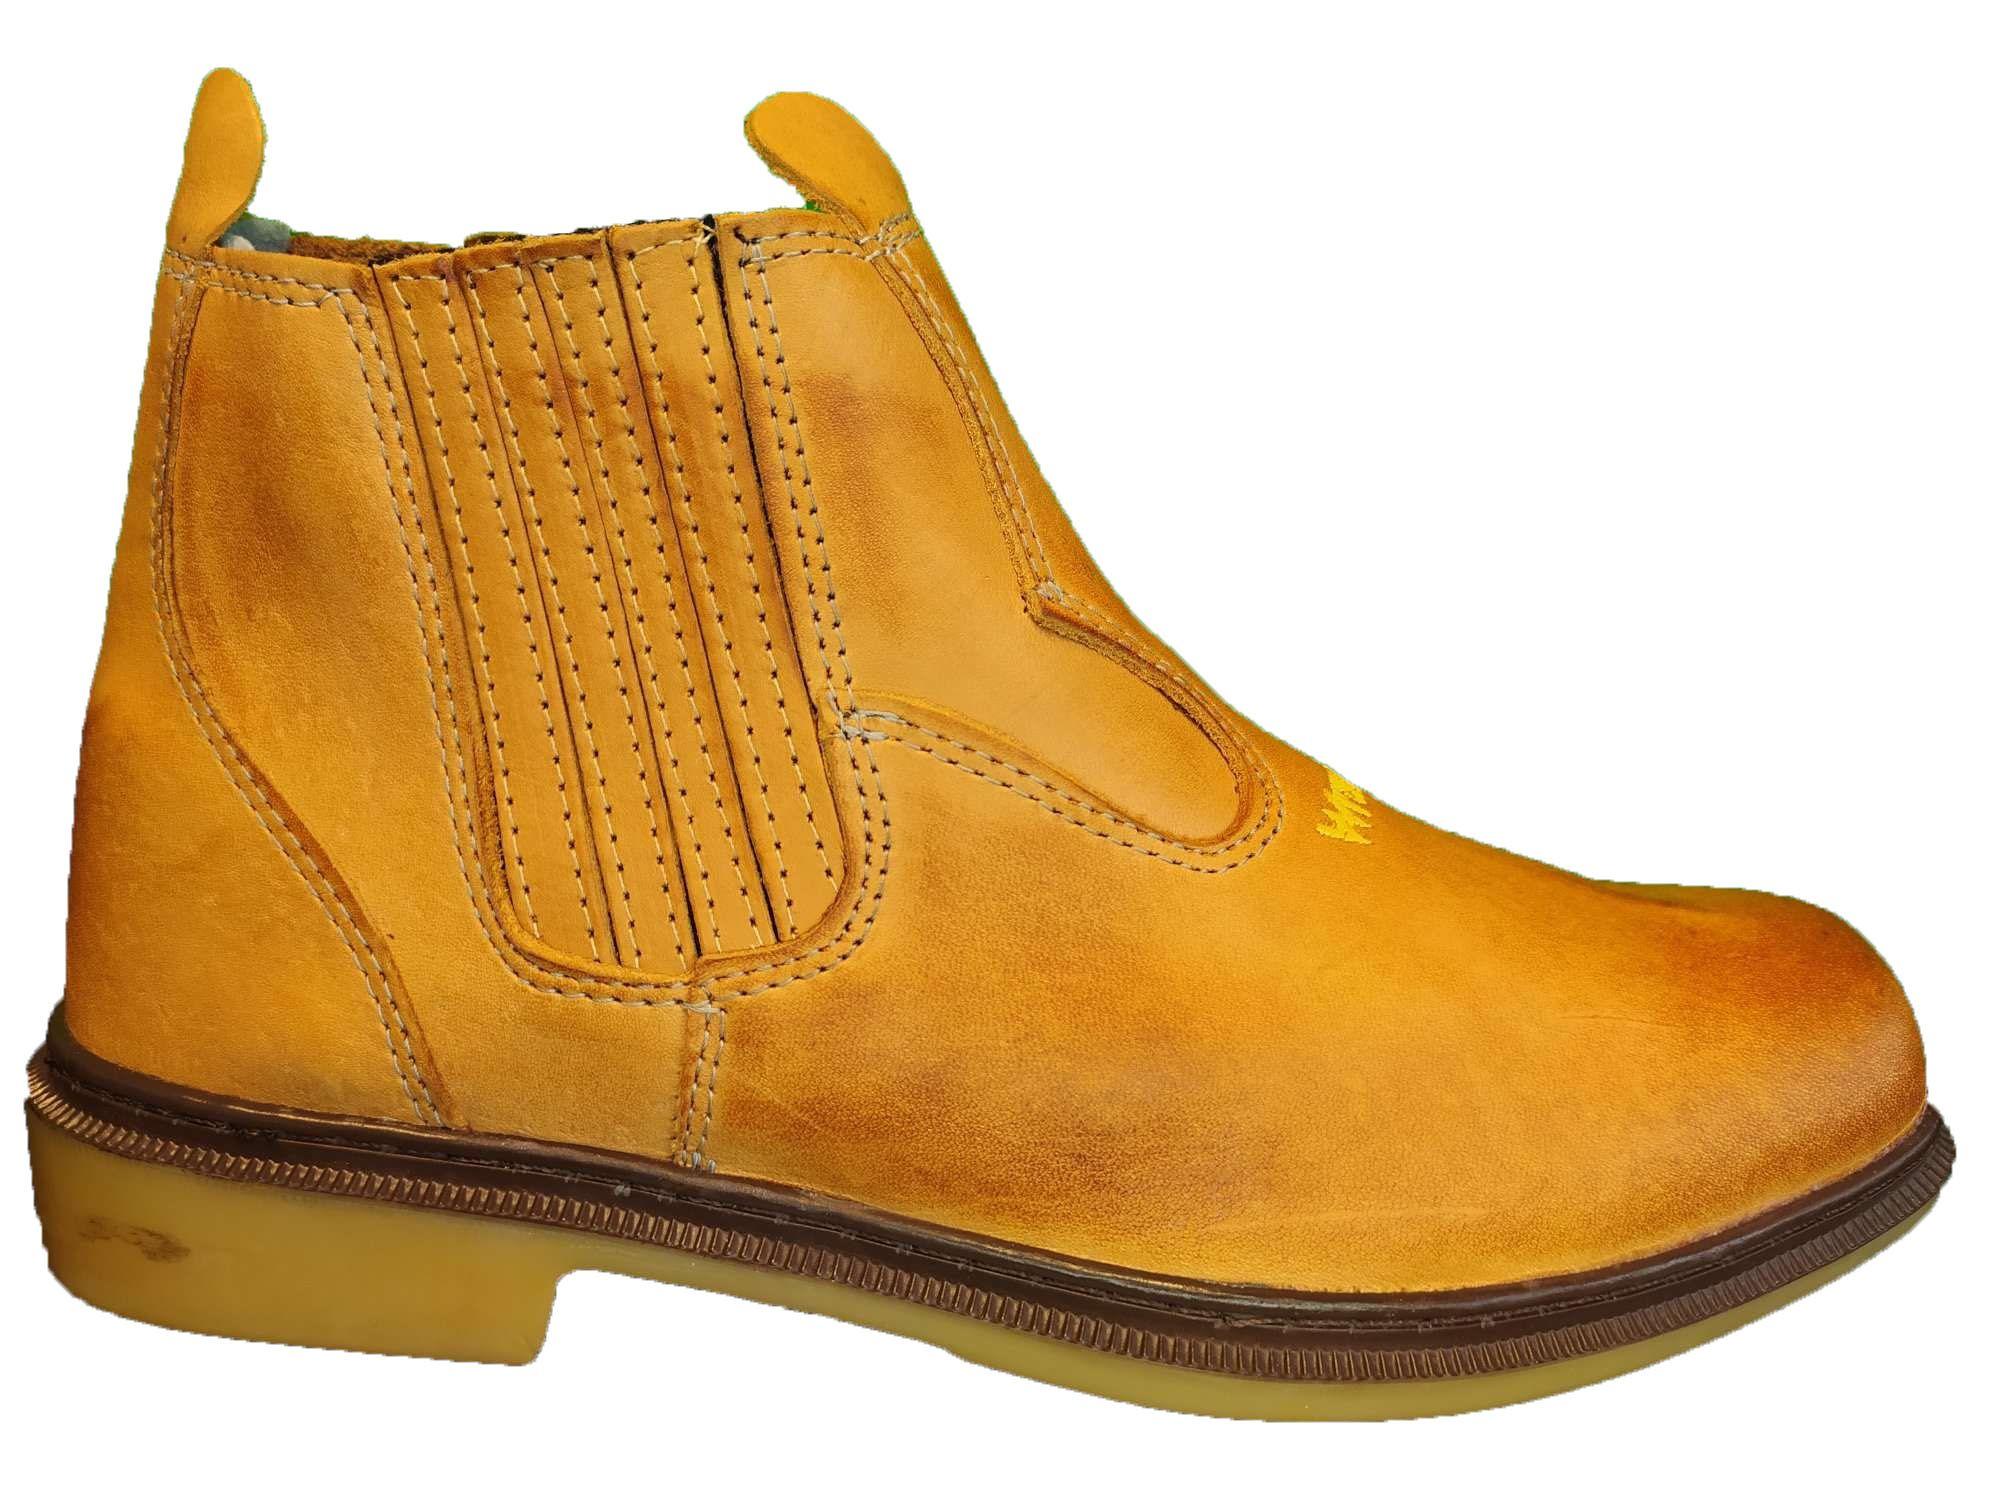 Botina Masculina Country Couro amarela